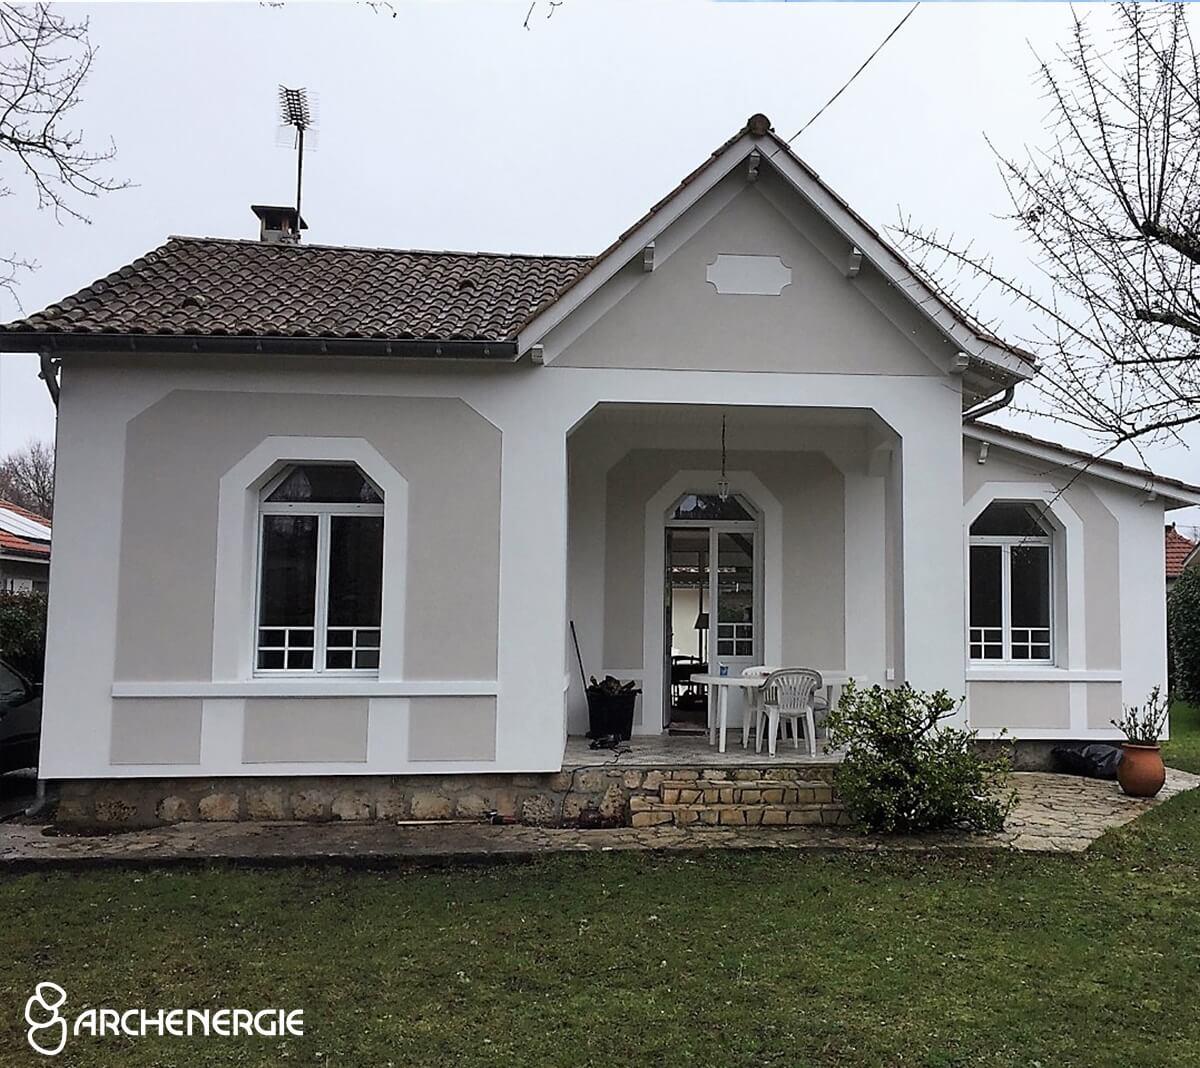 Maison après rénovation - Ares - Gironde - Archenergie